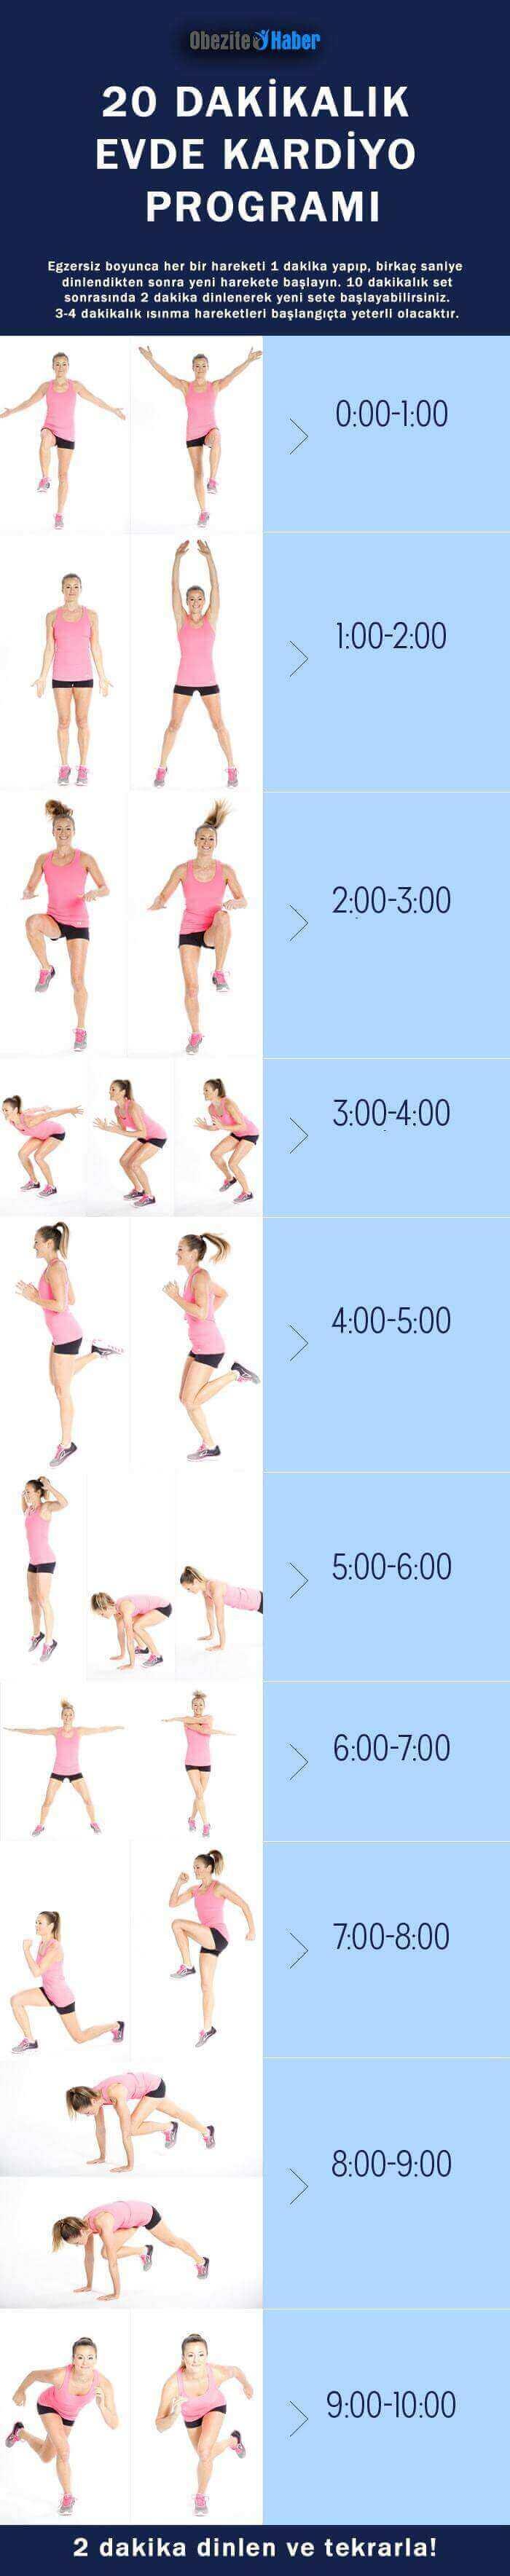 Evde Kardiyo Egzersizleri Nelerdir